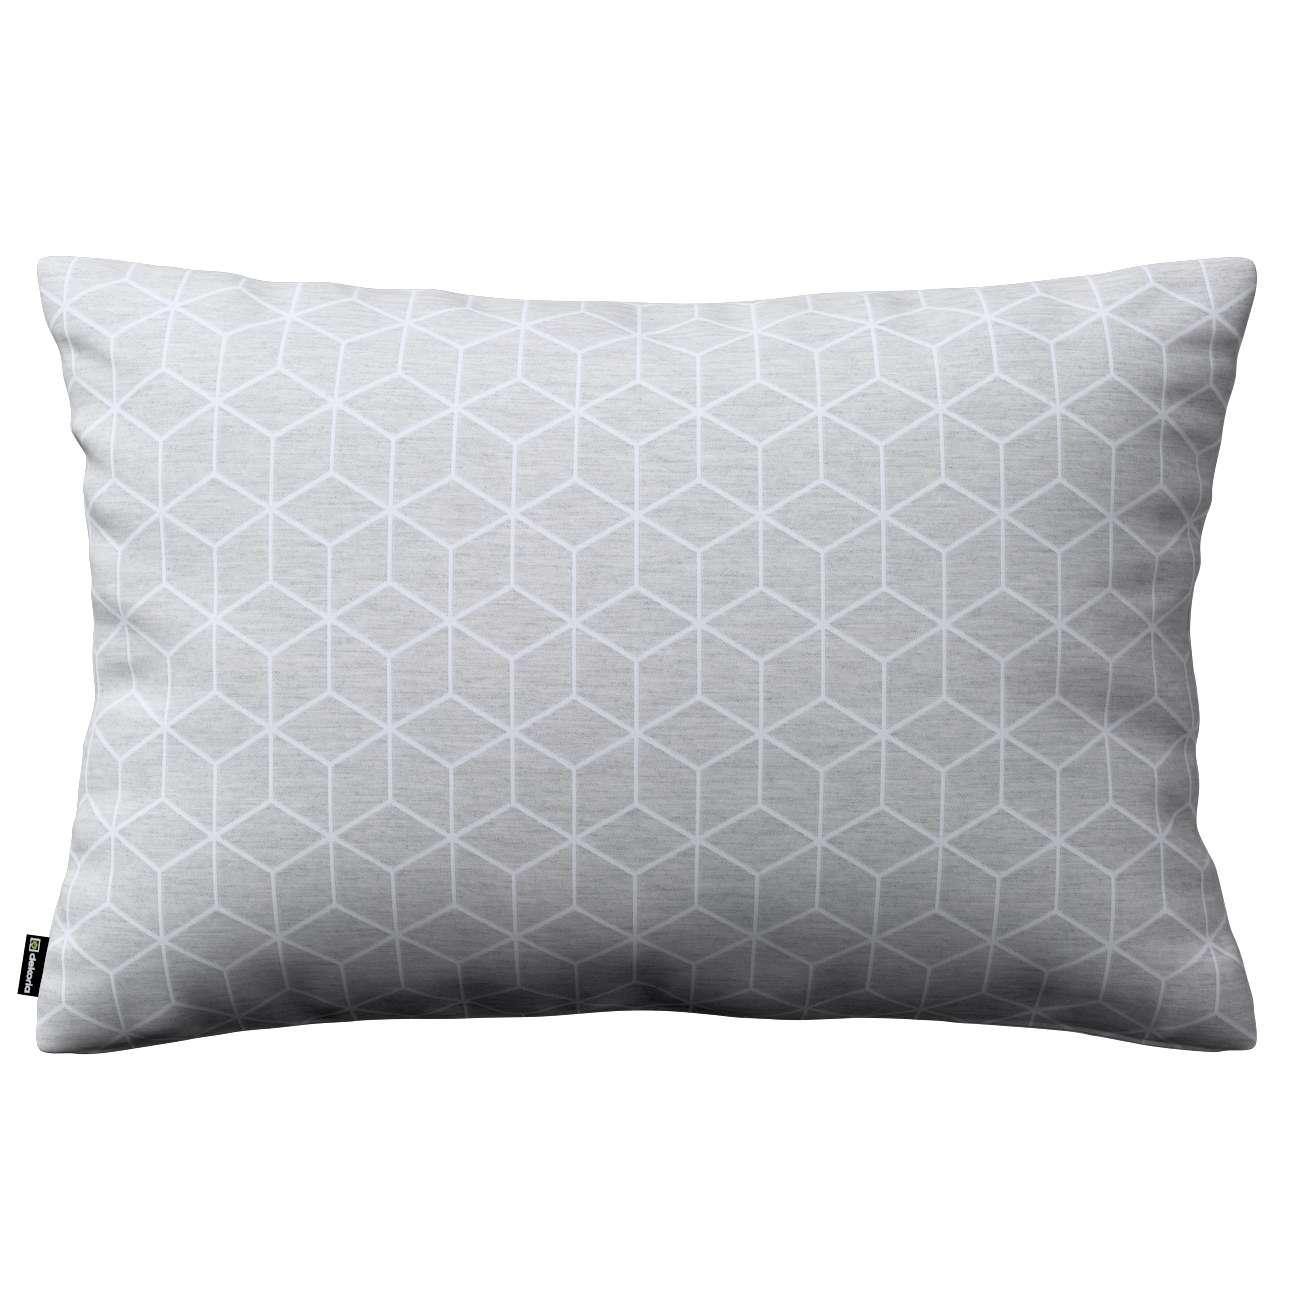 Poszewka Kinga na poduszkę prostokątną w kolekcji Sunny, tkanina: 143-50